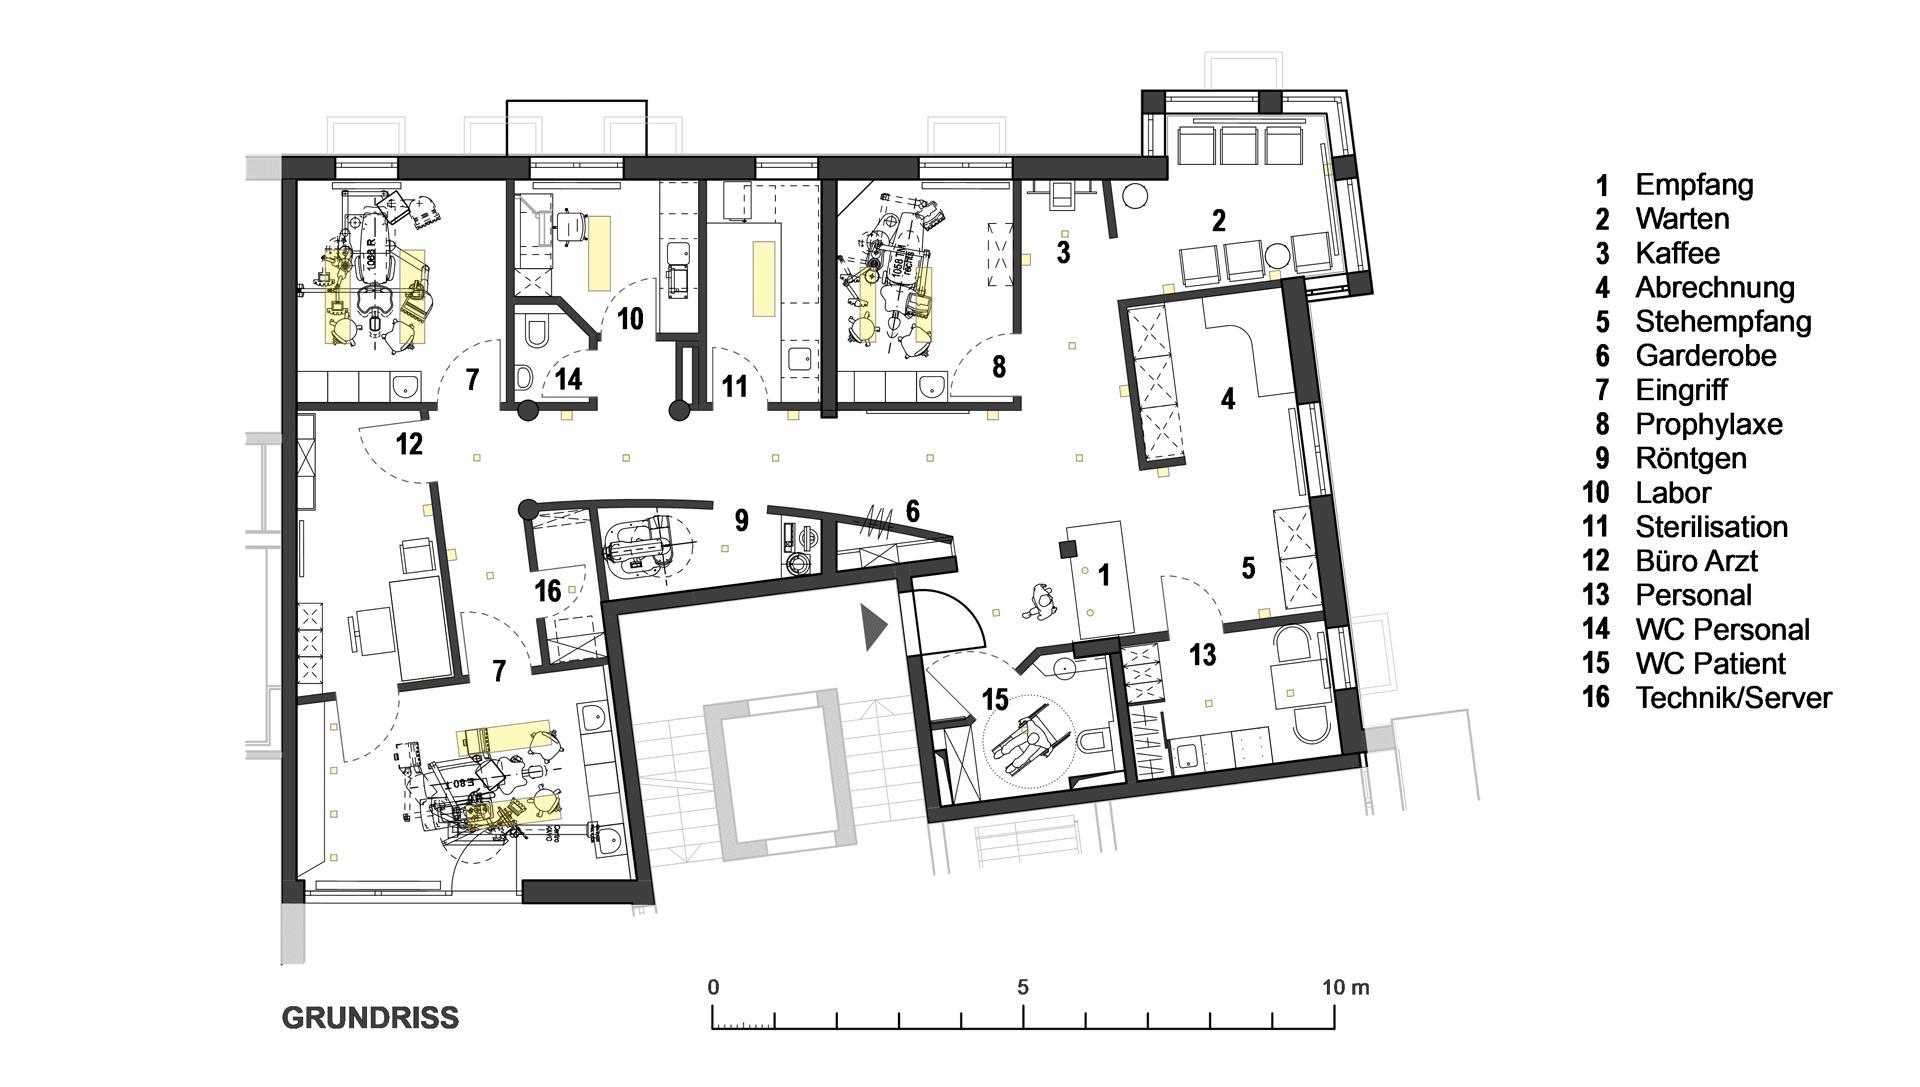 ZA Praxis in Kempten / Grundriss